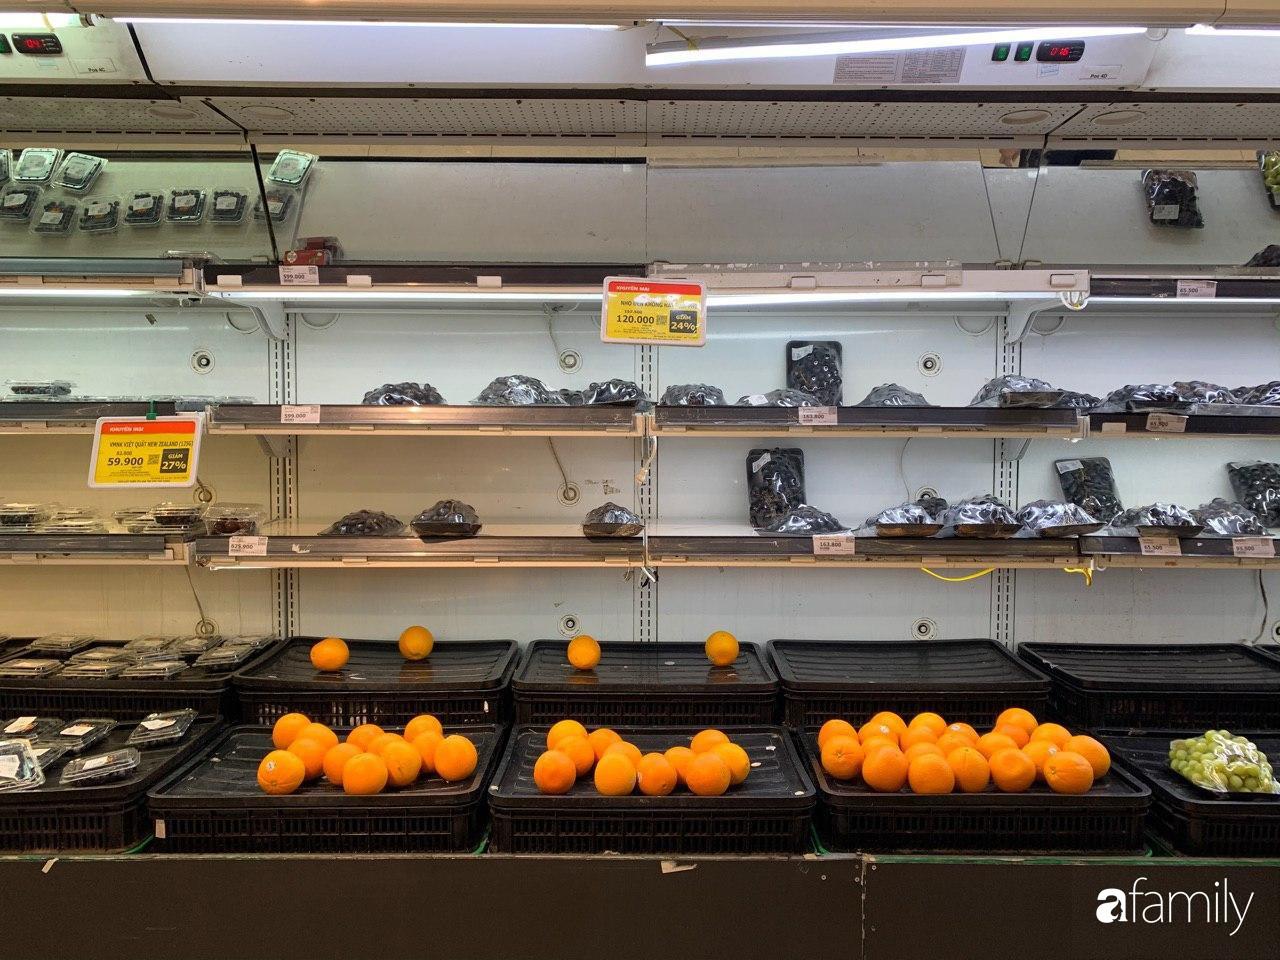 Hà Nội: Siêu thị tan hoang ngày 29 Tết, đồ tươi sống - bánh kẹo đã cháy hàng - 5